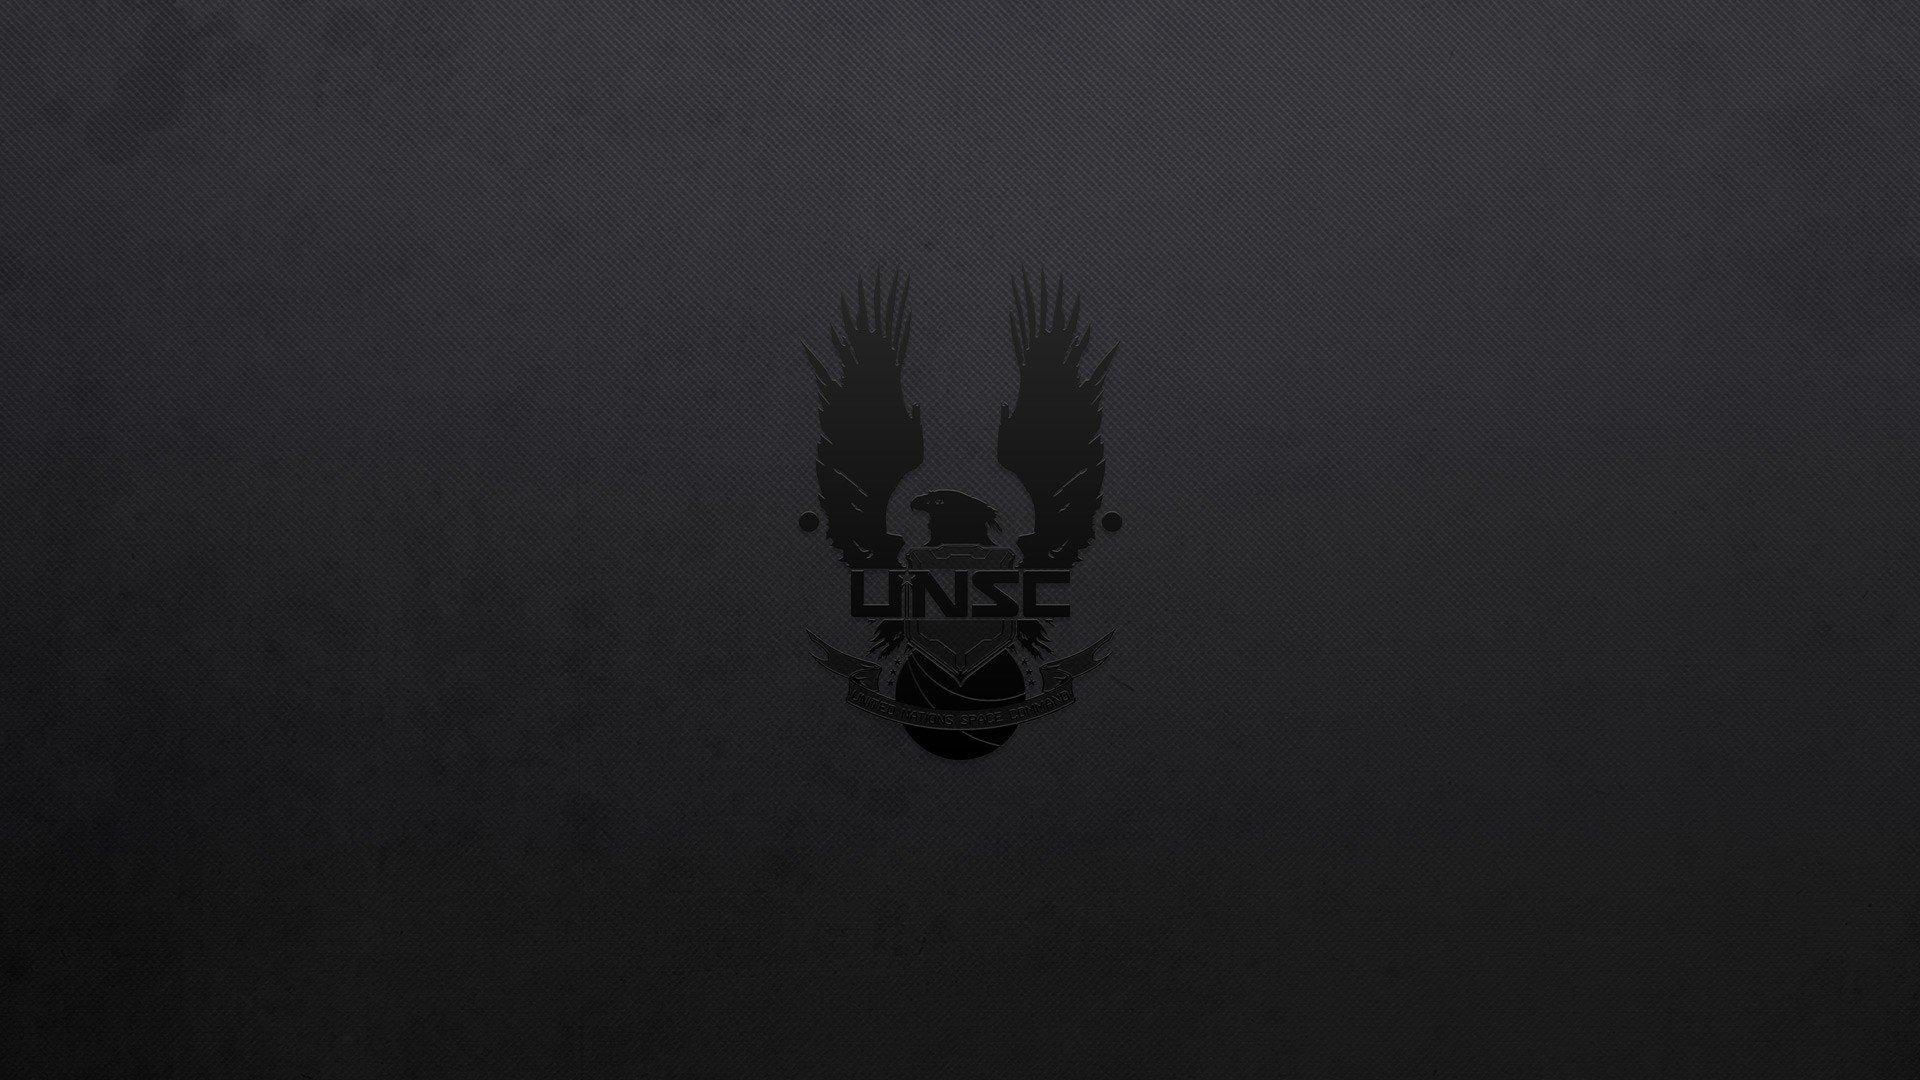 Black Background Halo Unsc Video Games Minimalism Dark